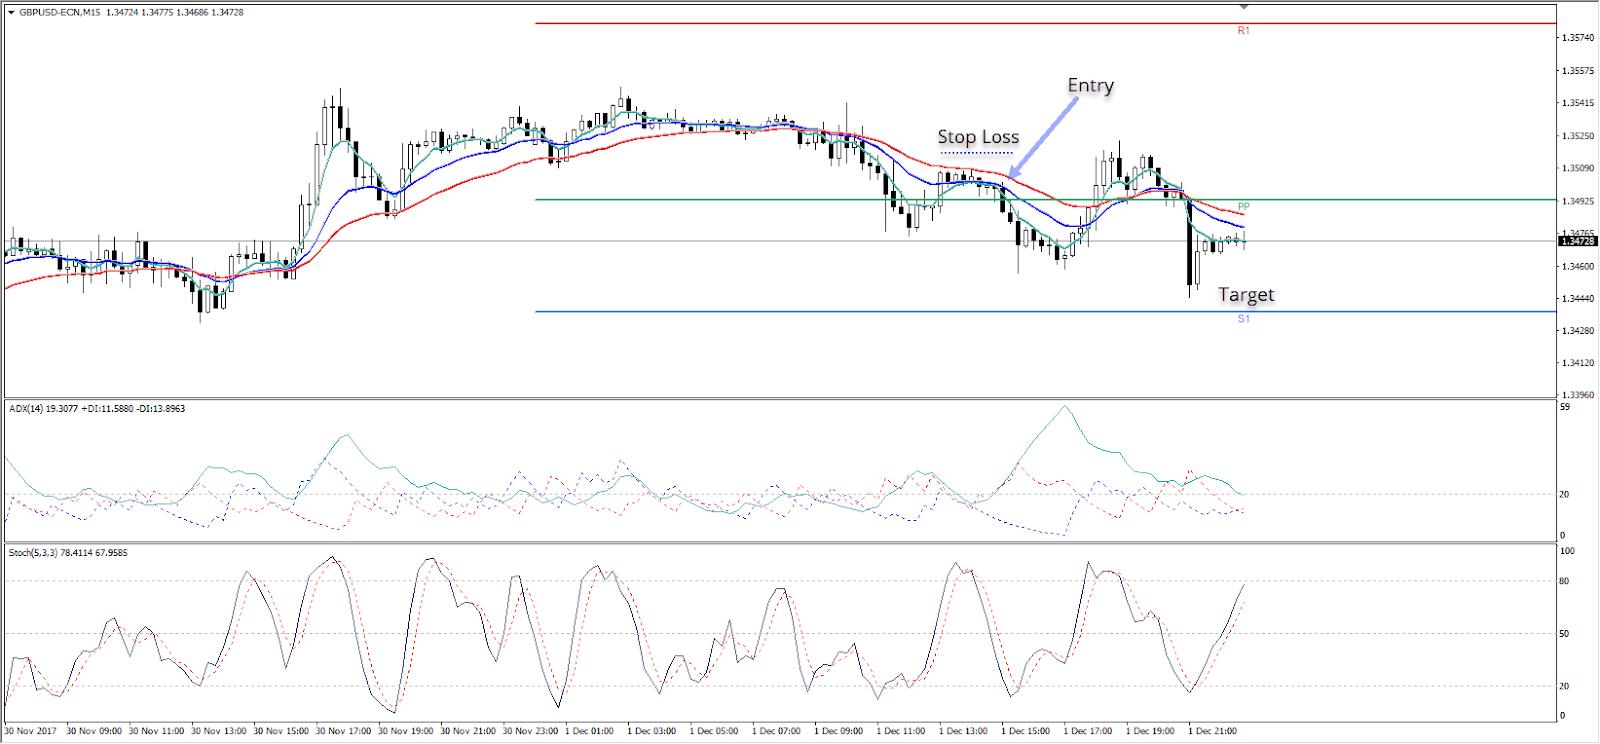 GBP/USD, M15 Chart, Admiral Markets MT4, Nov-Dec 2017